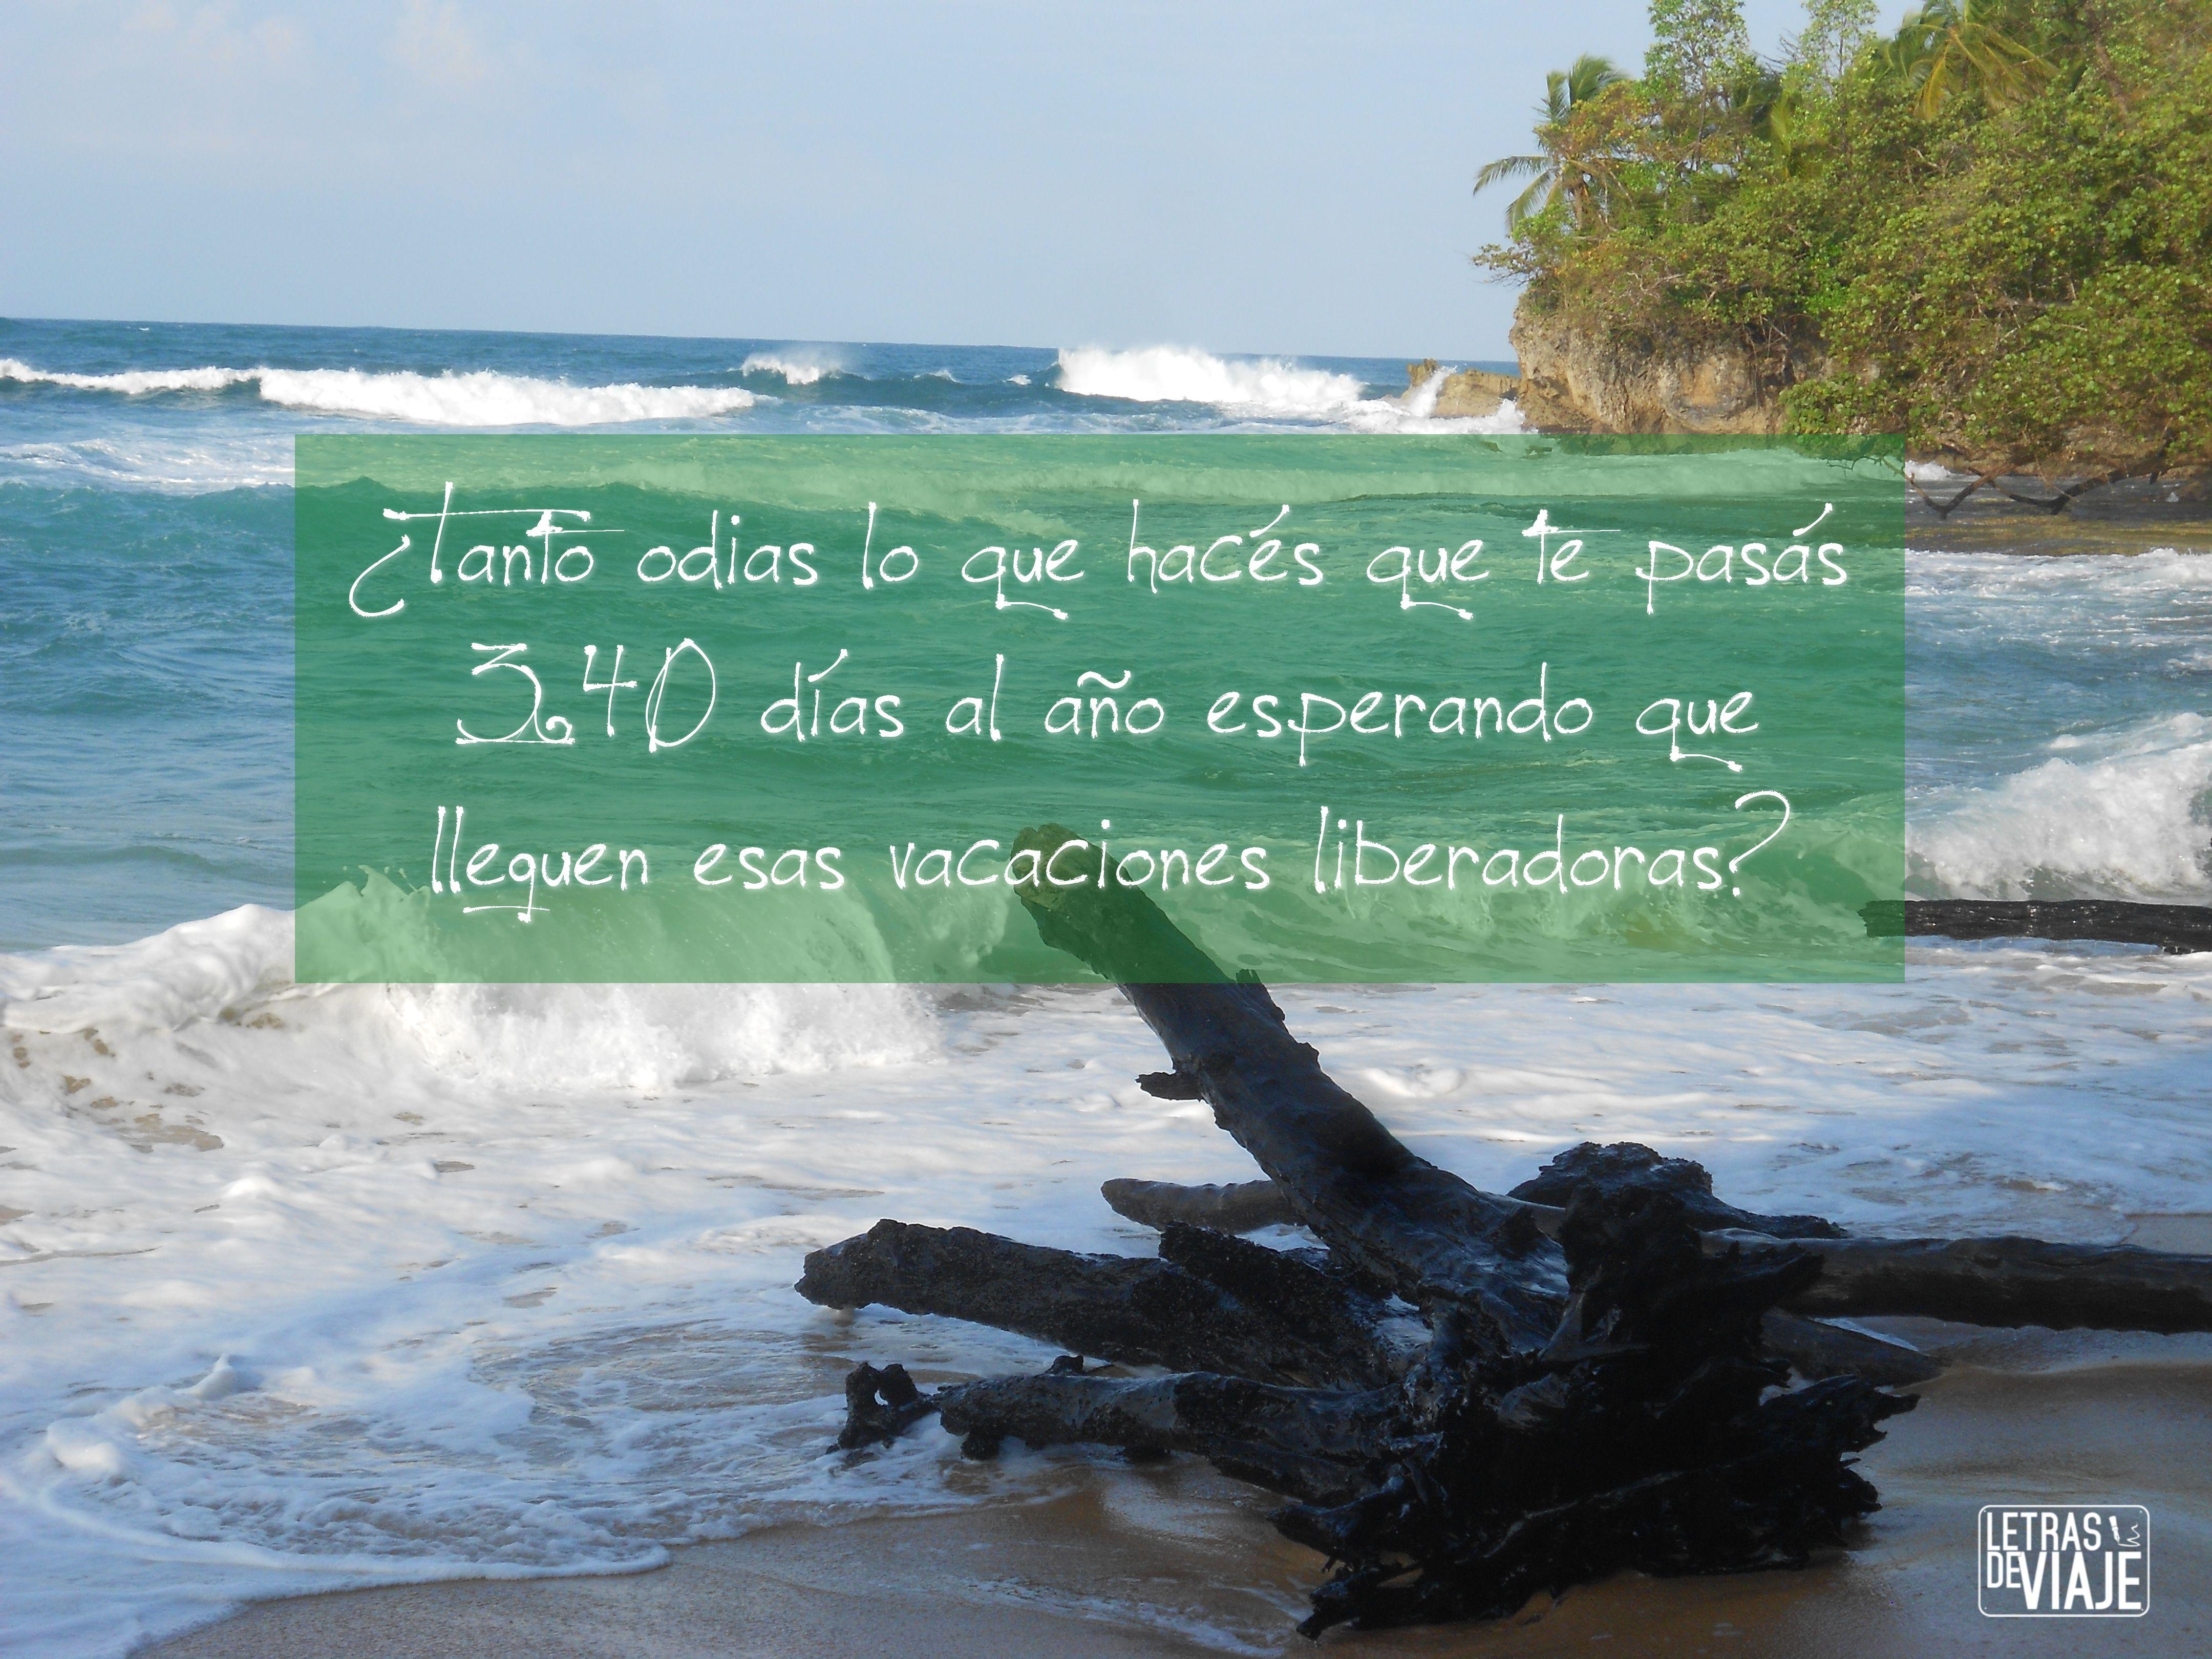 ¿Tanto odias lo que hace que te pasas 340 días al año esperando que lleguen esas vacaciones liberadoras? www.letrasdeviaje.com